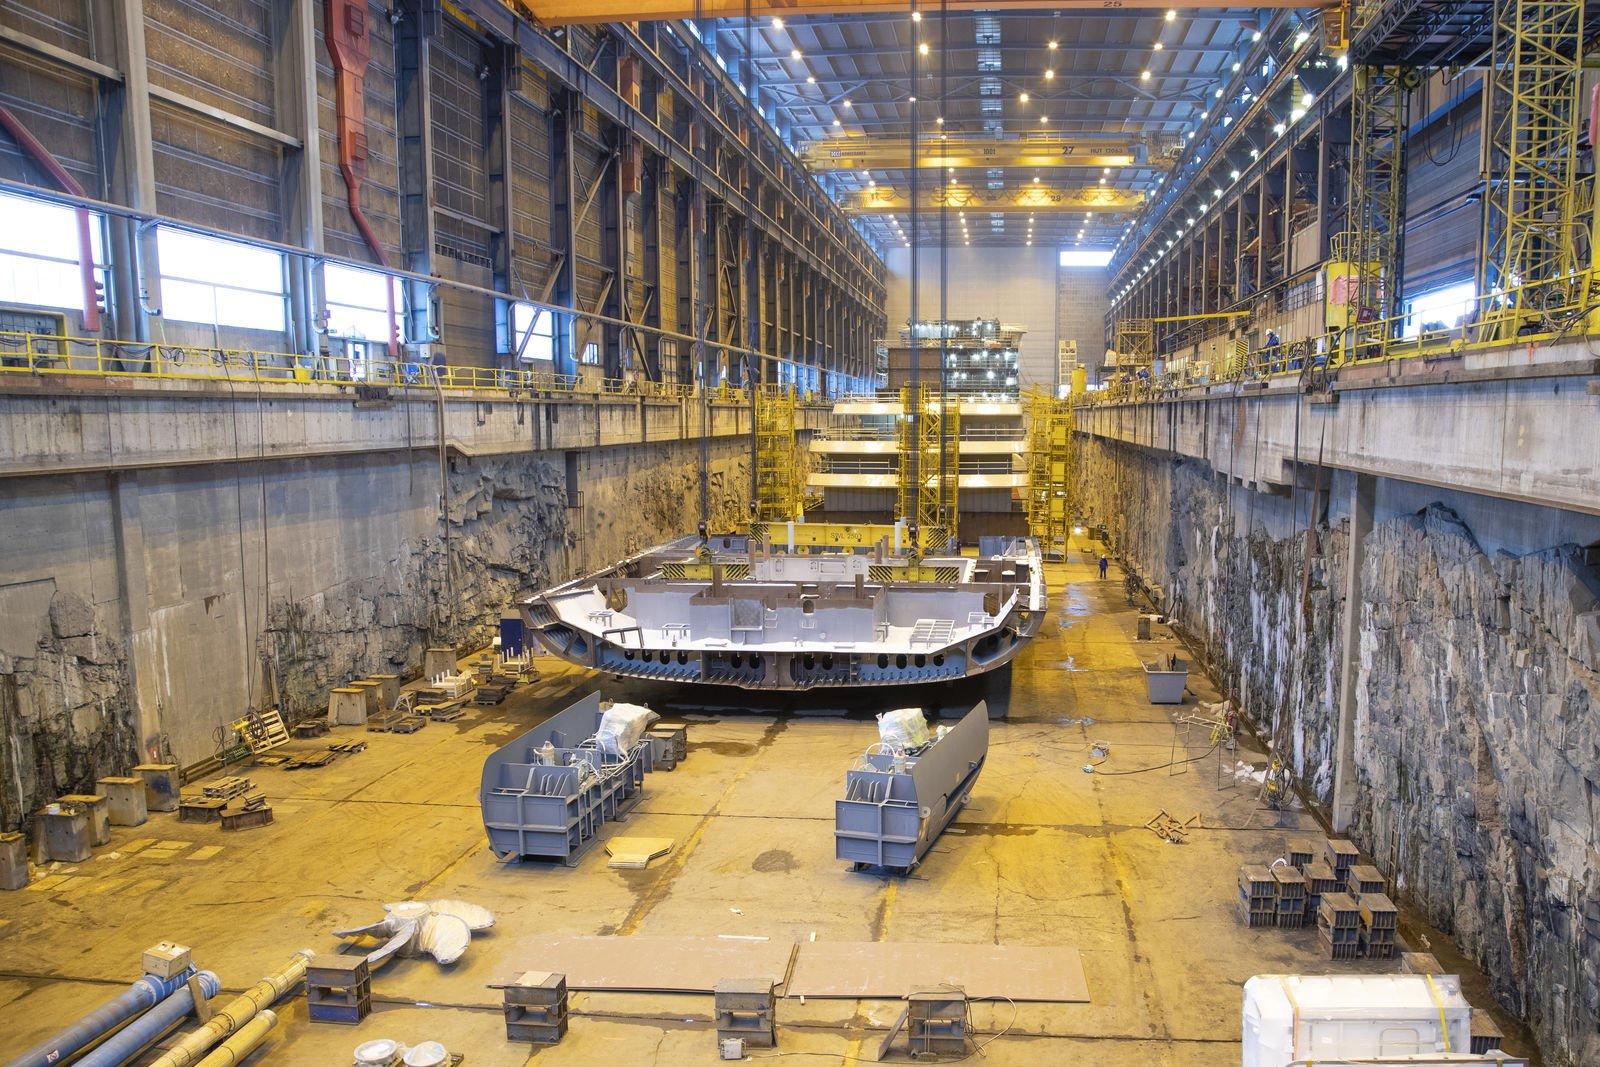 Quilla del barco de cruceros de expedición de lujo SH Vega en los astilleros Helsinki Shipyard